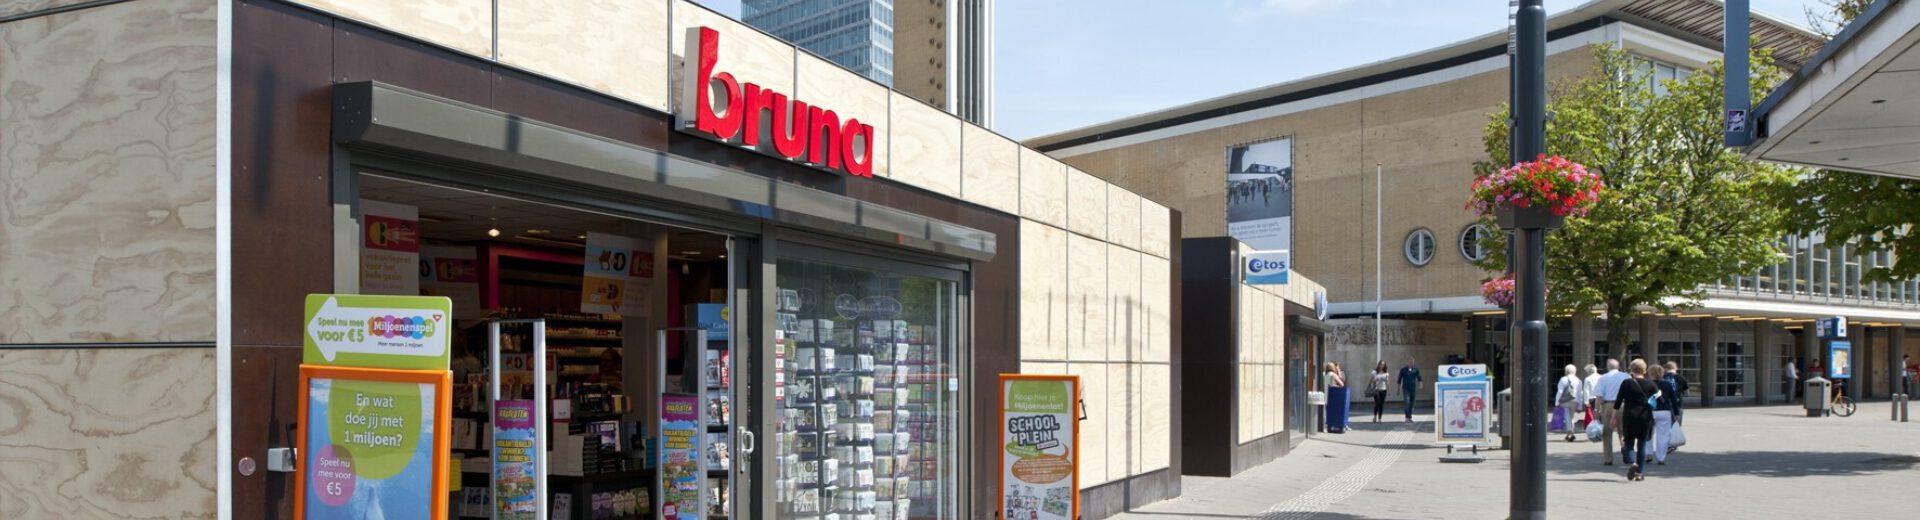 Retail CS Eindhoven